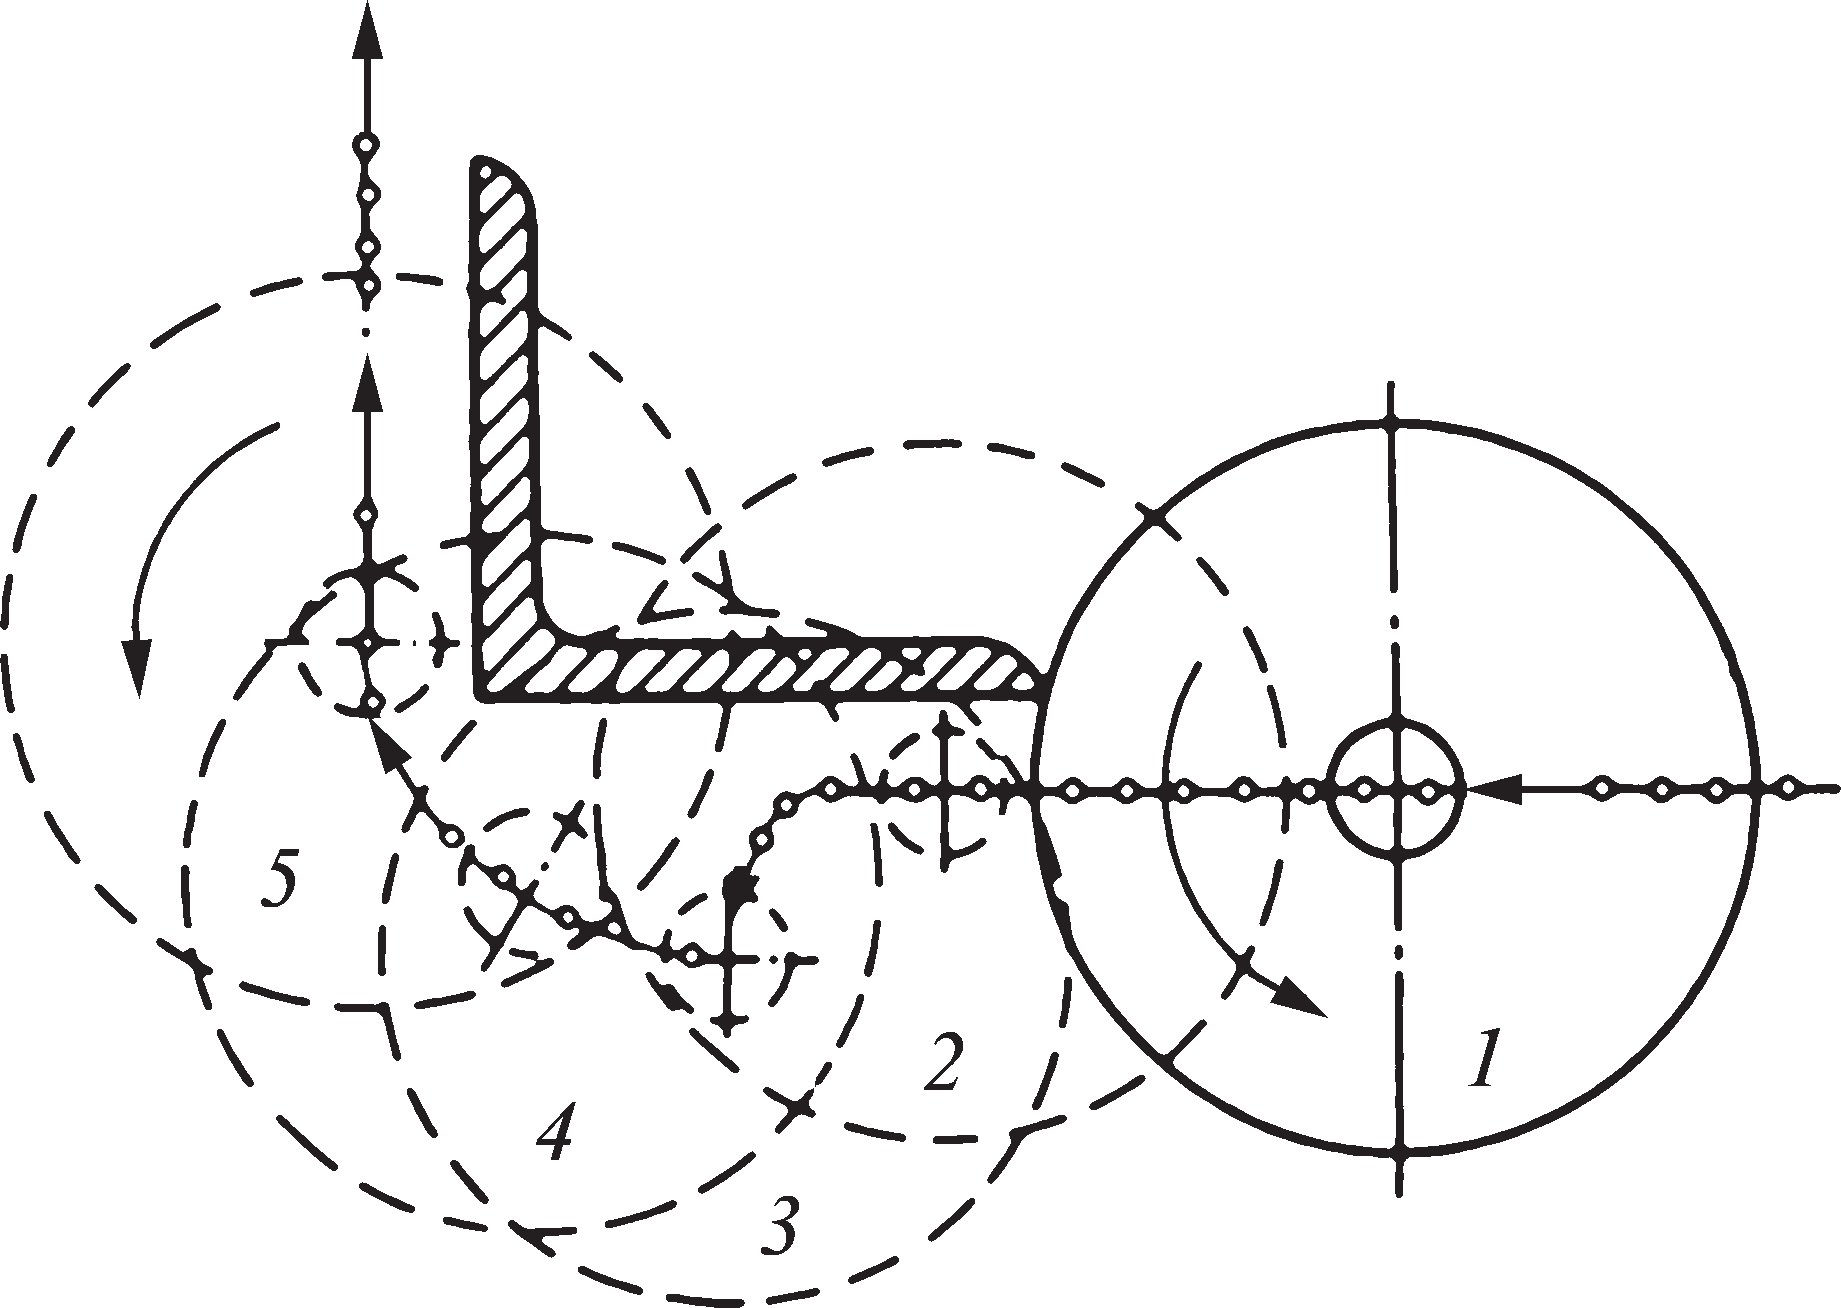 Траектория перемещения круга при отрезке уголка шлифовальной машинкой